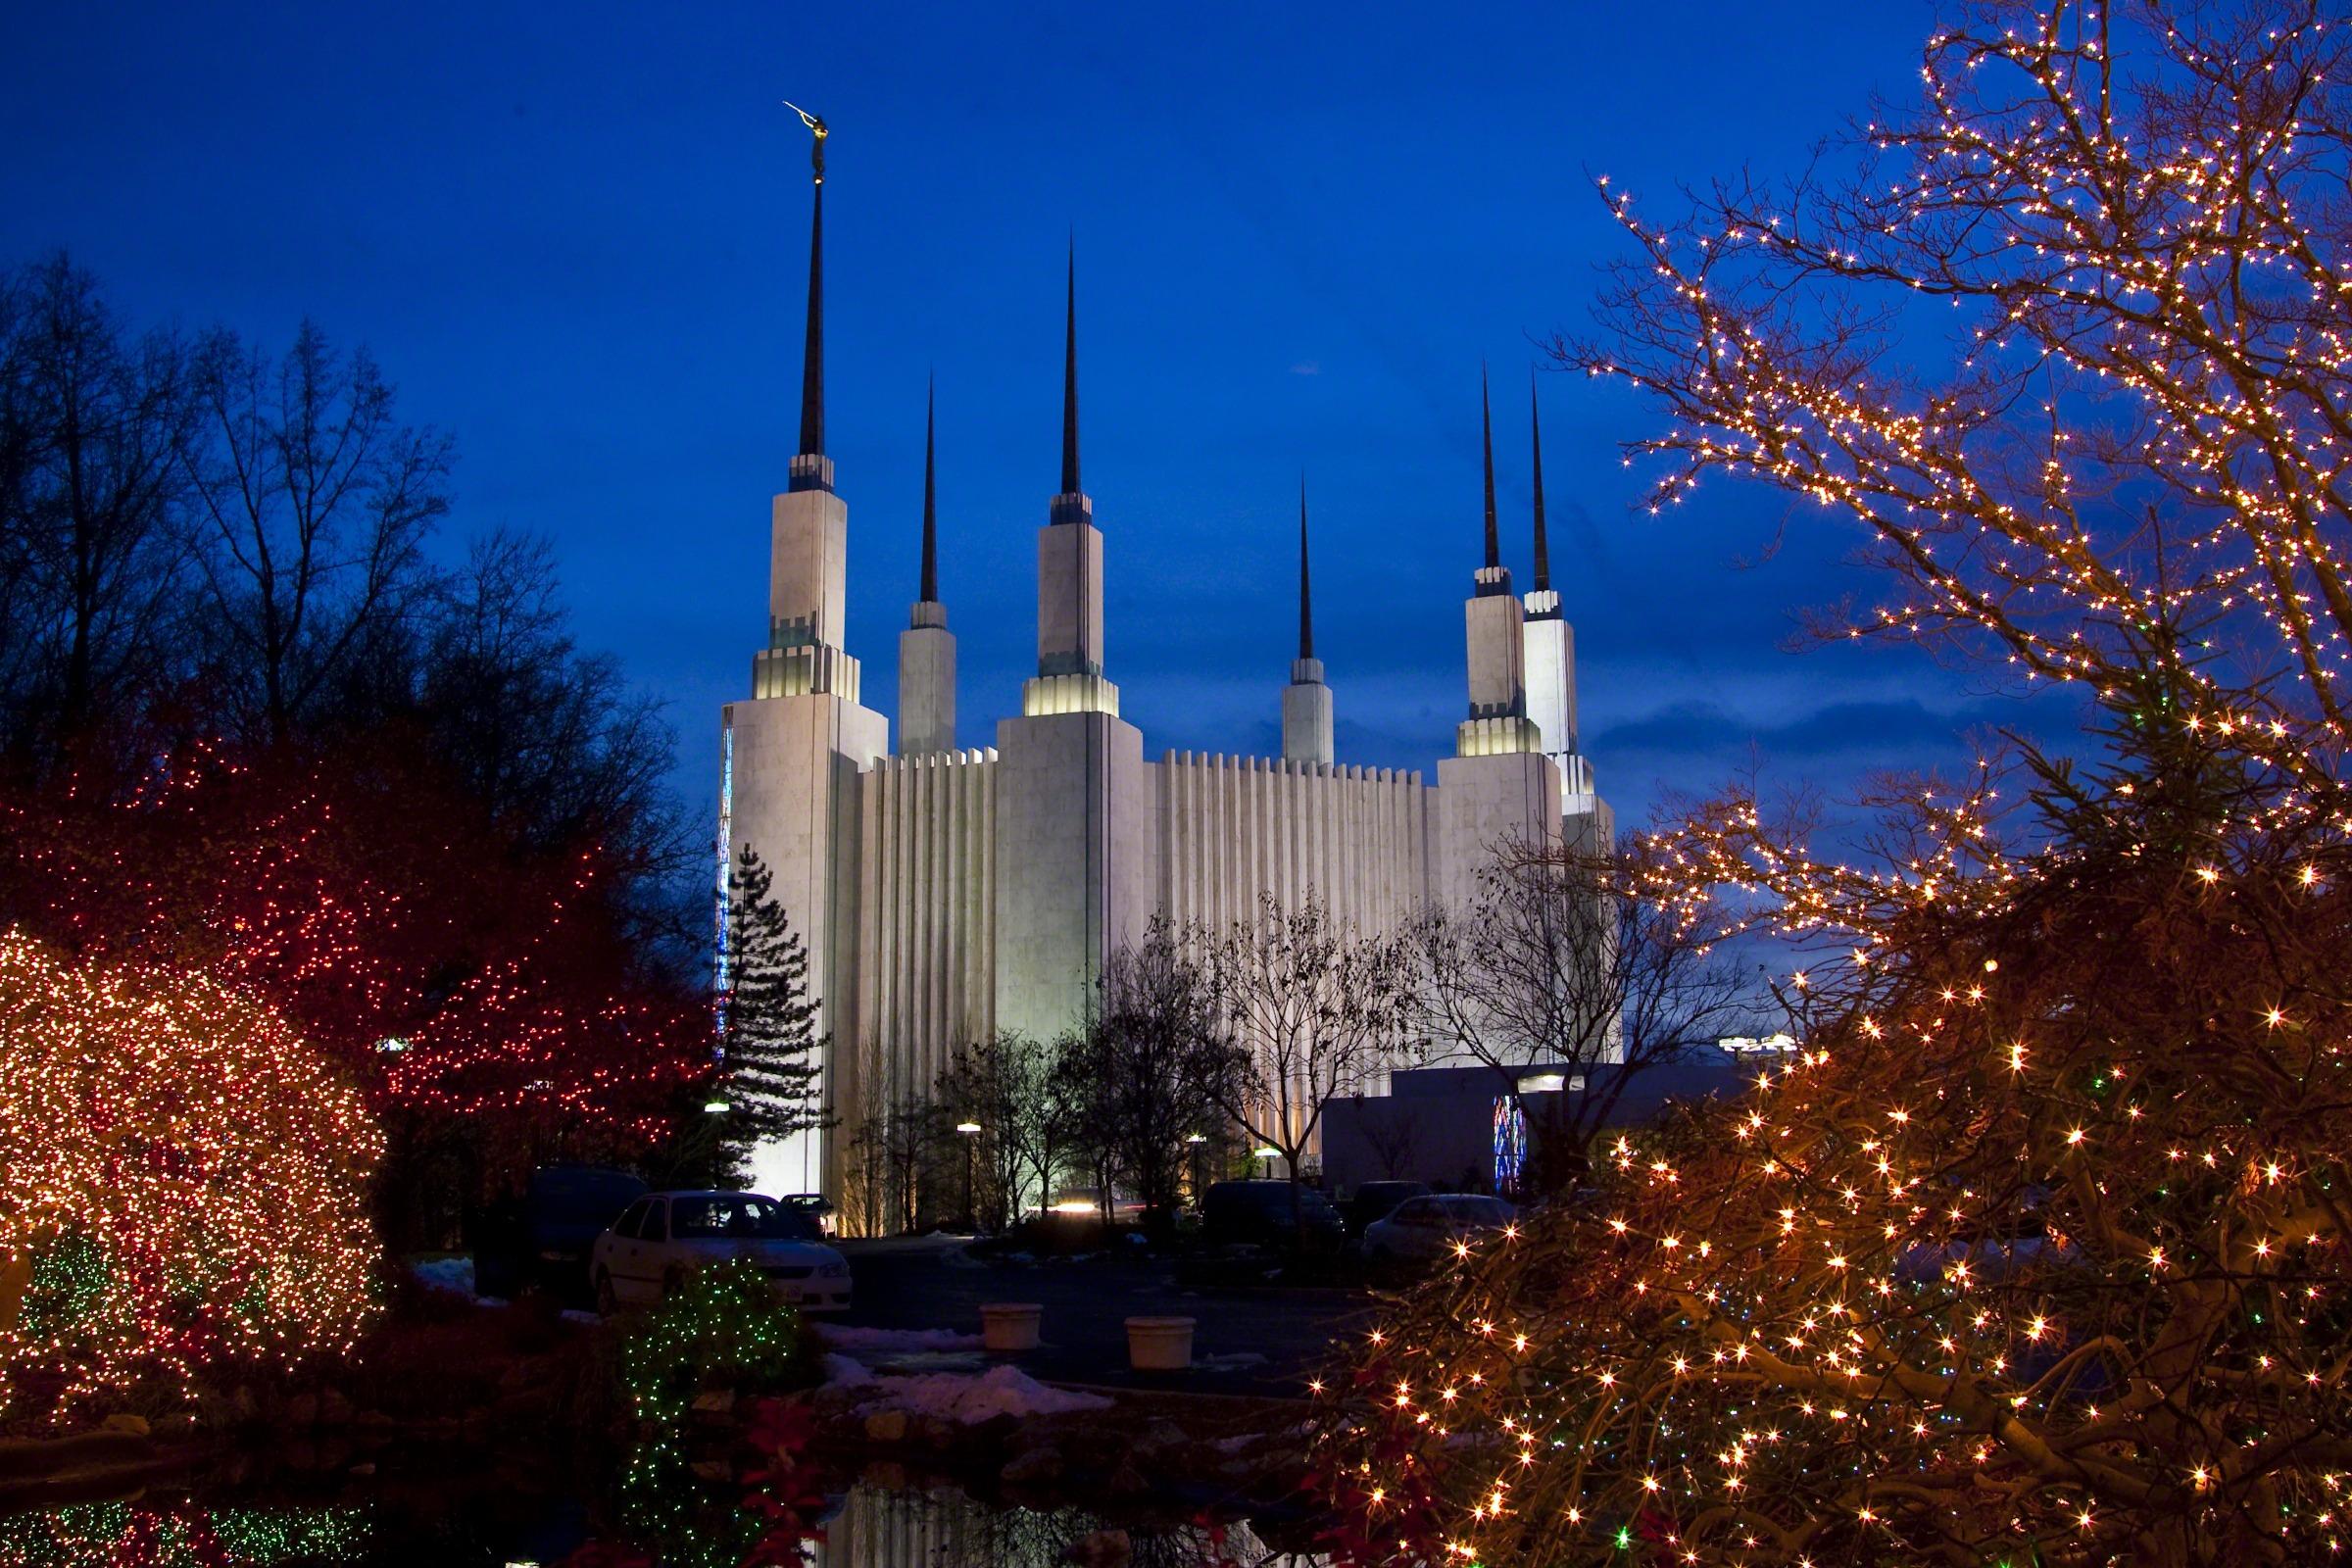 share - Dc Christmas Lights